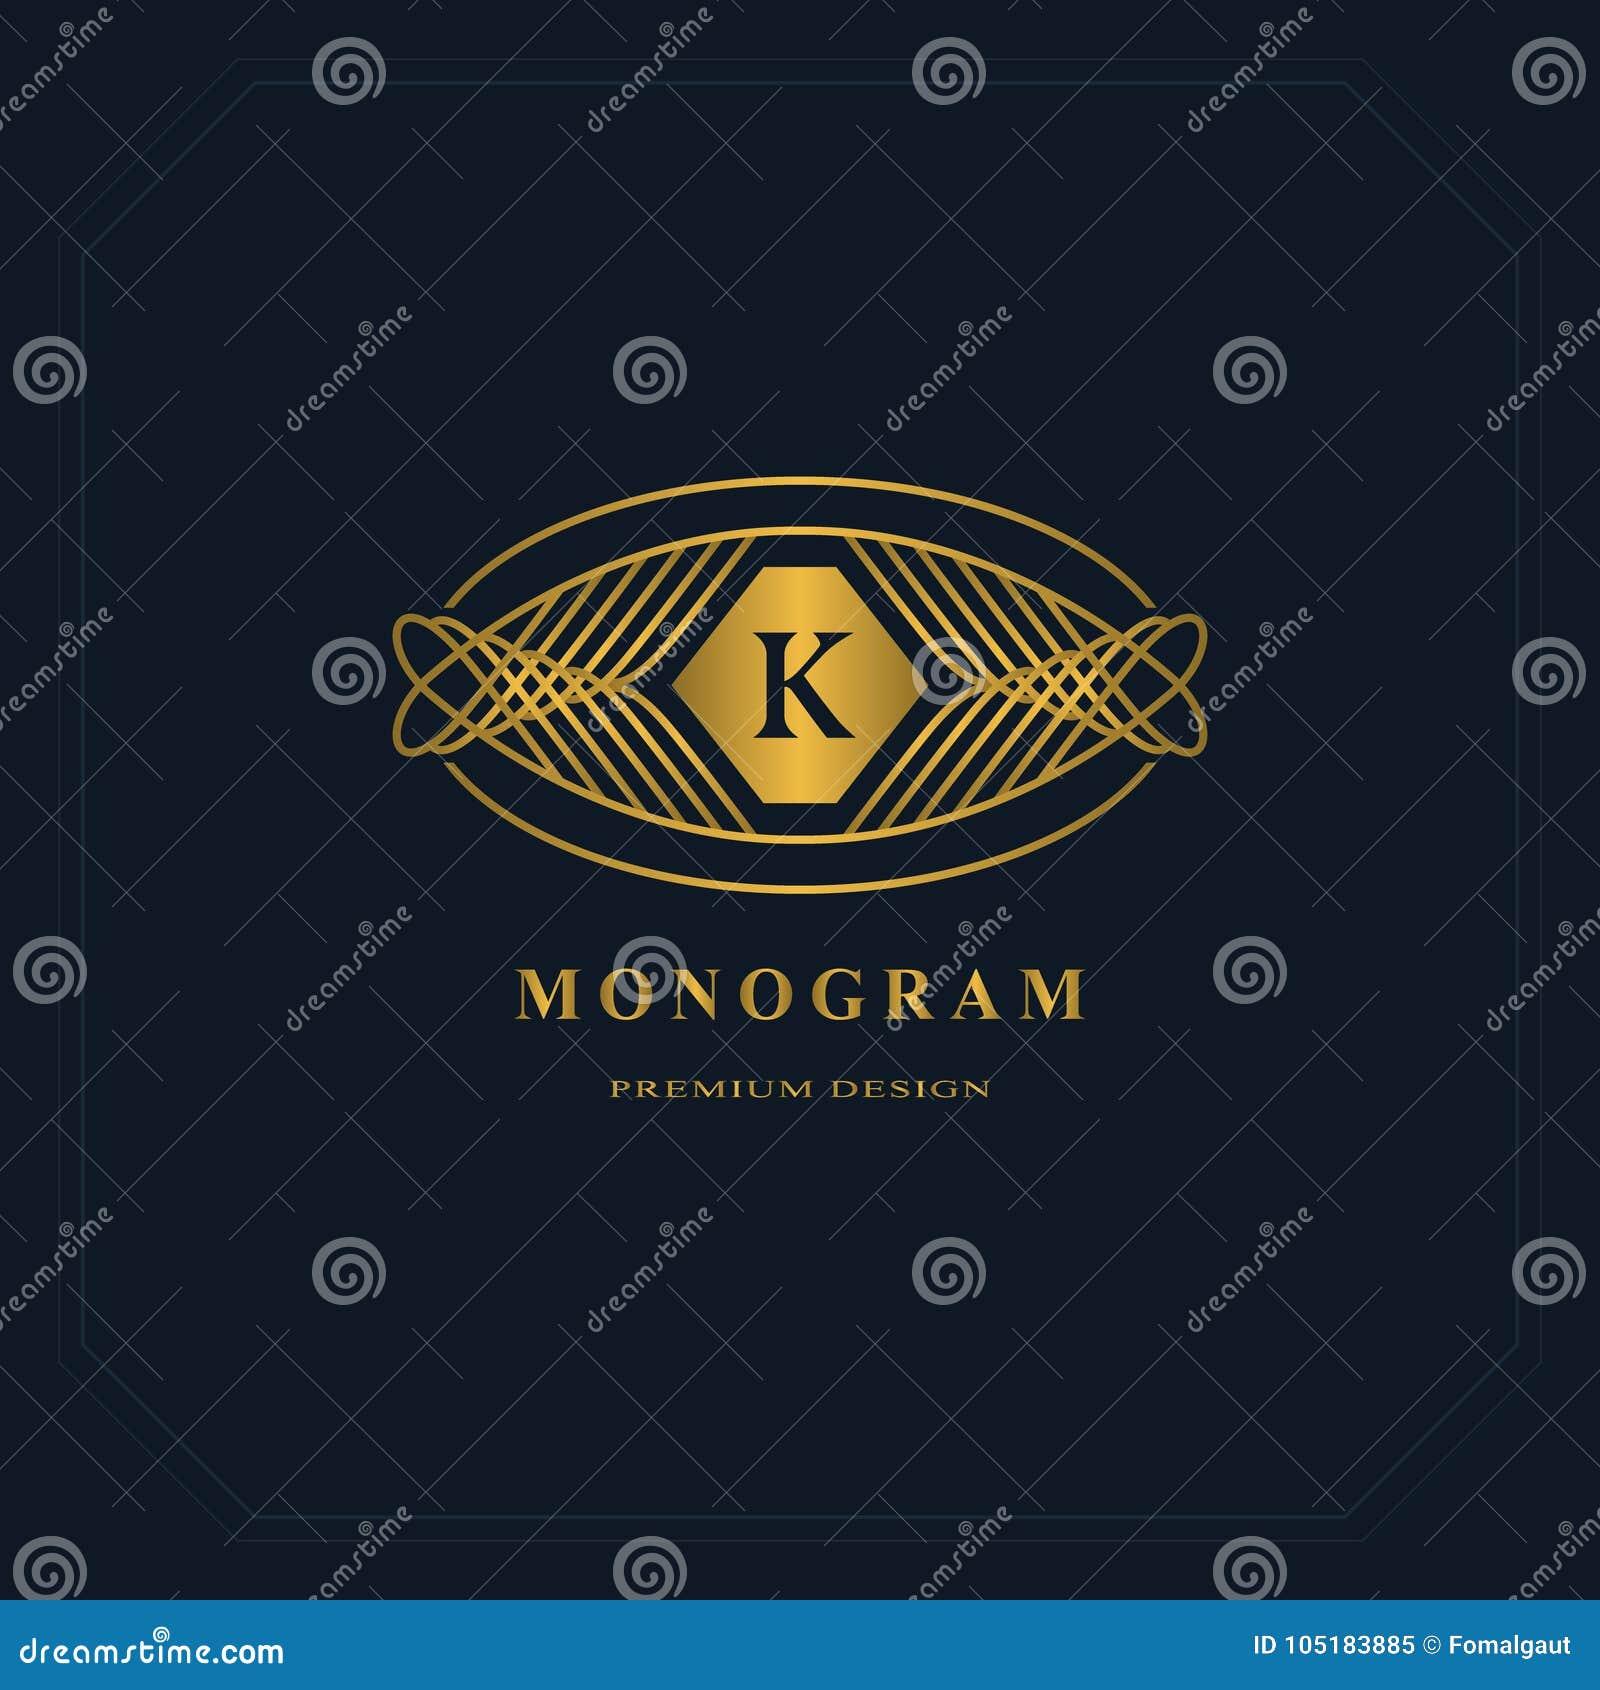 gold line graphics monogram elegant art logo design letter k